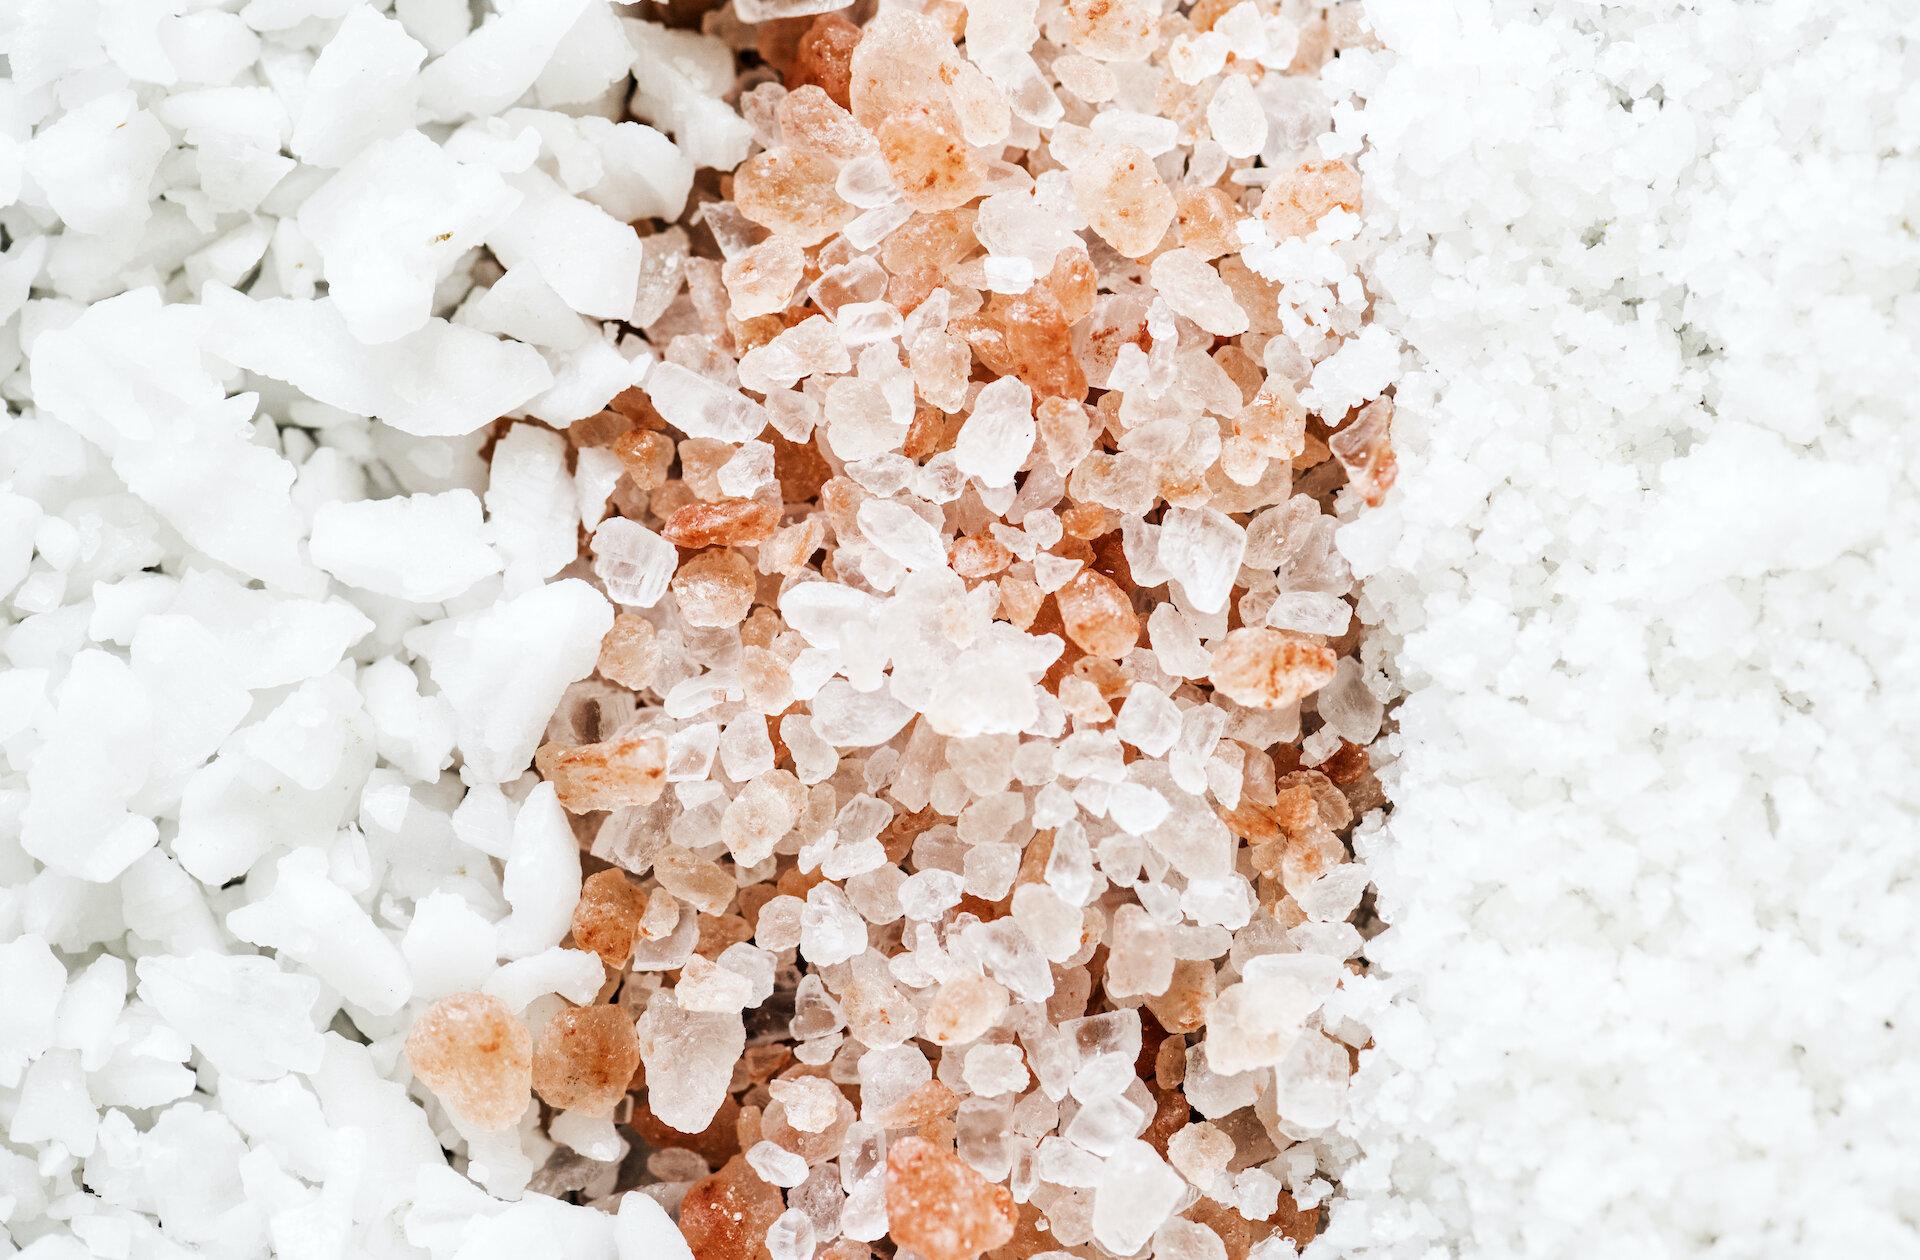 Closeup of mixed salt